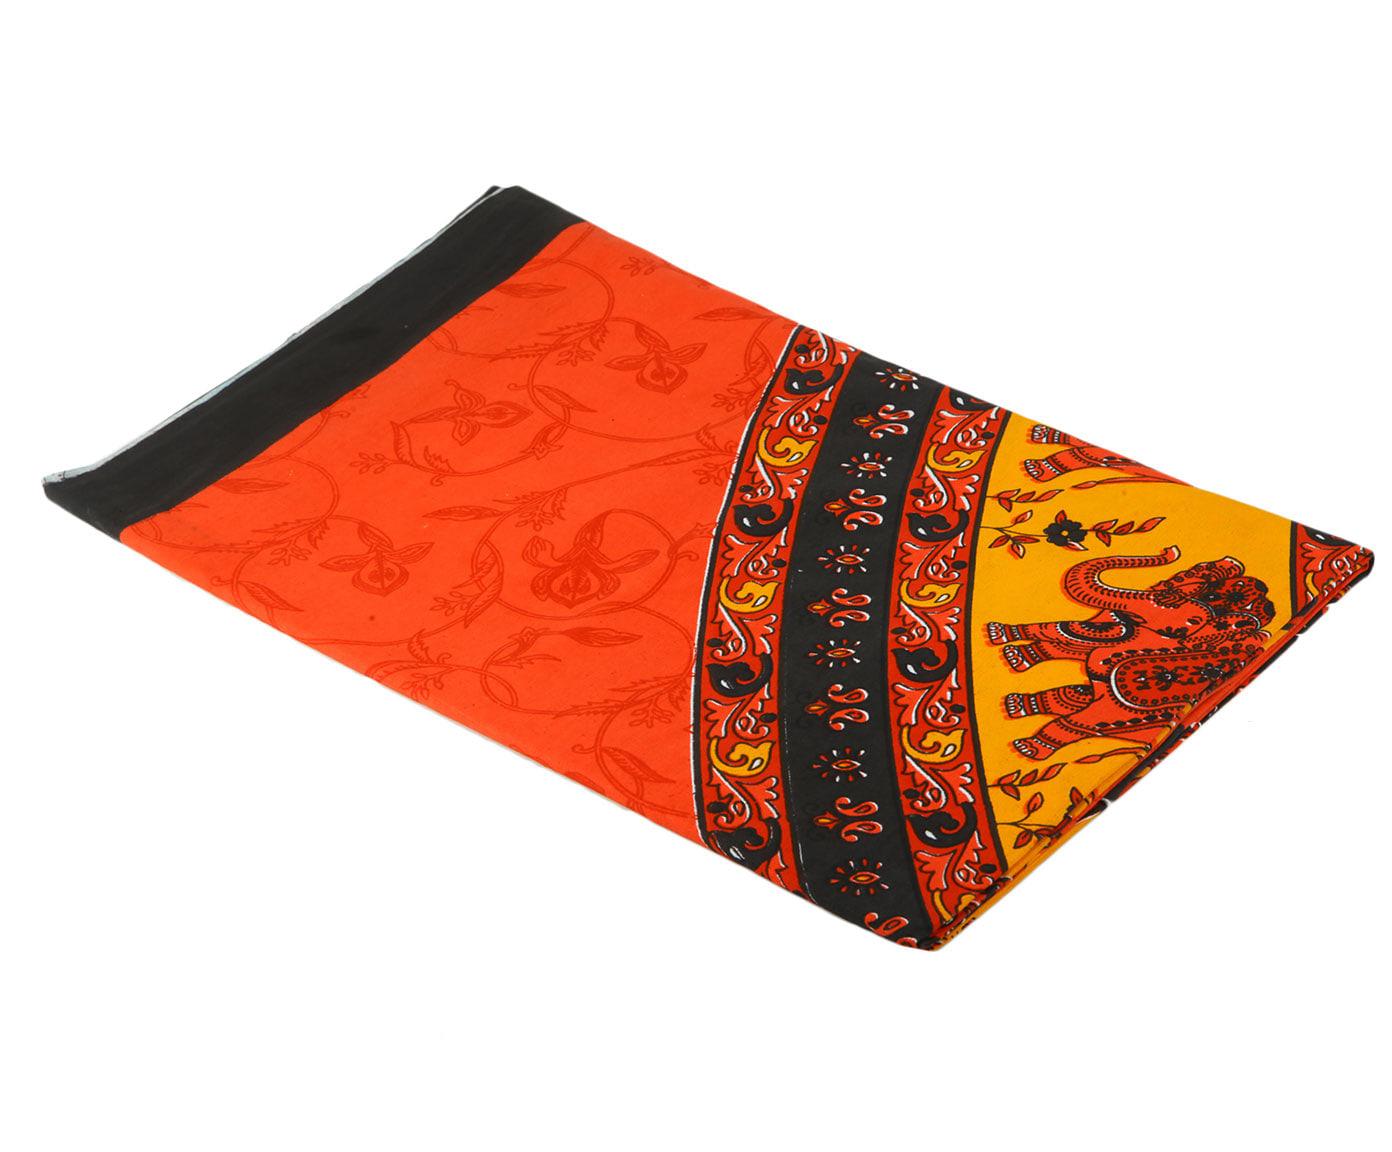 Покрывало Ethnic Chic Покрывало Слон Цвет: Оранжевый, Красный (225х250 см)